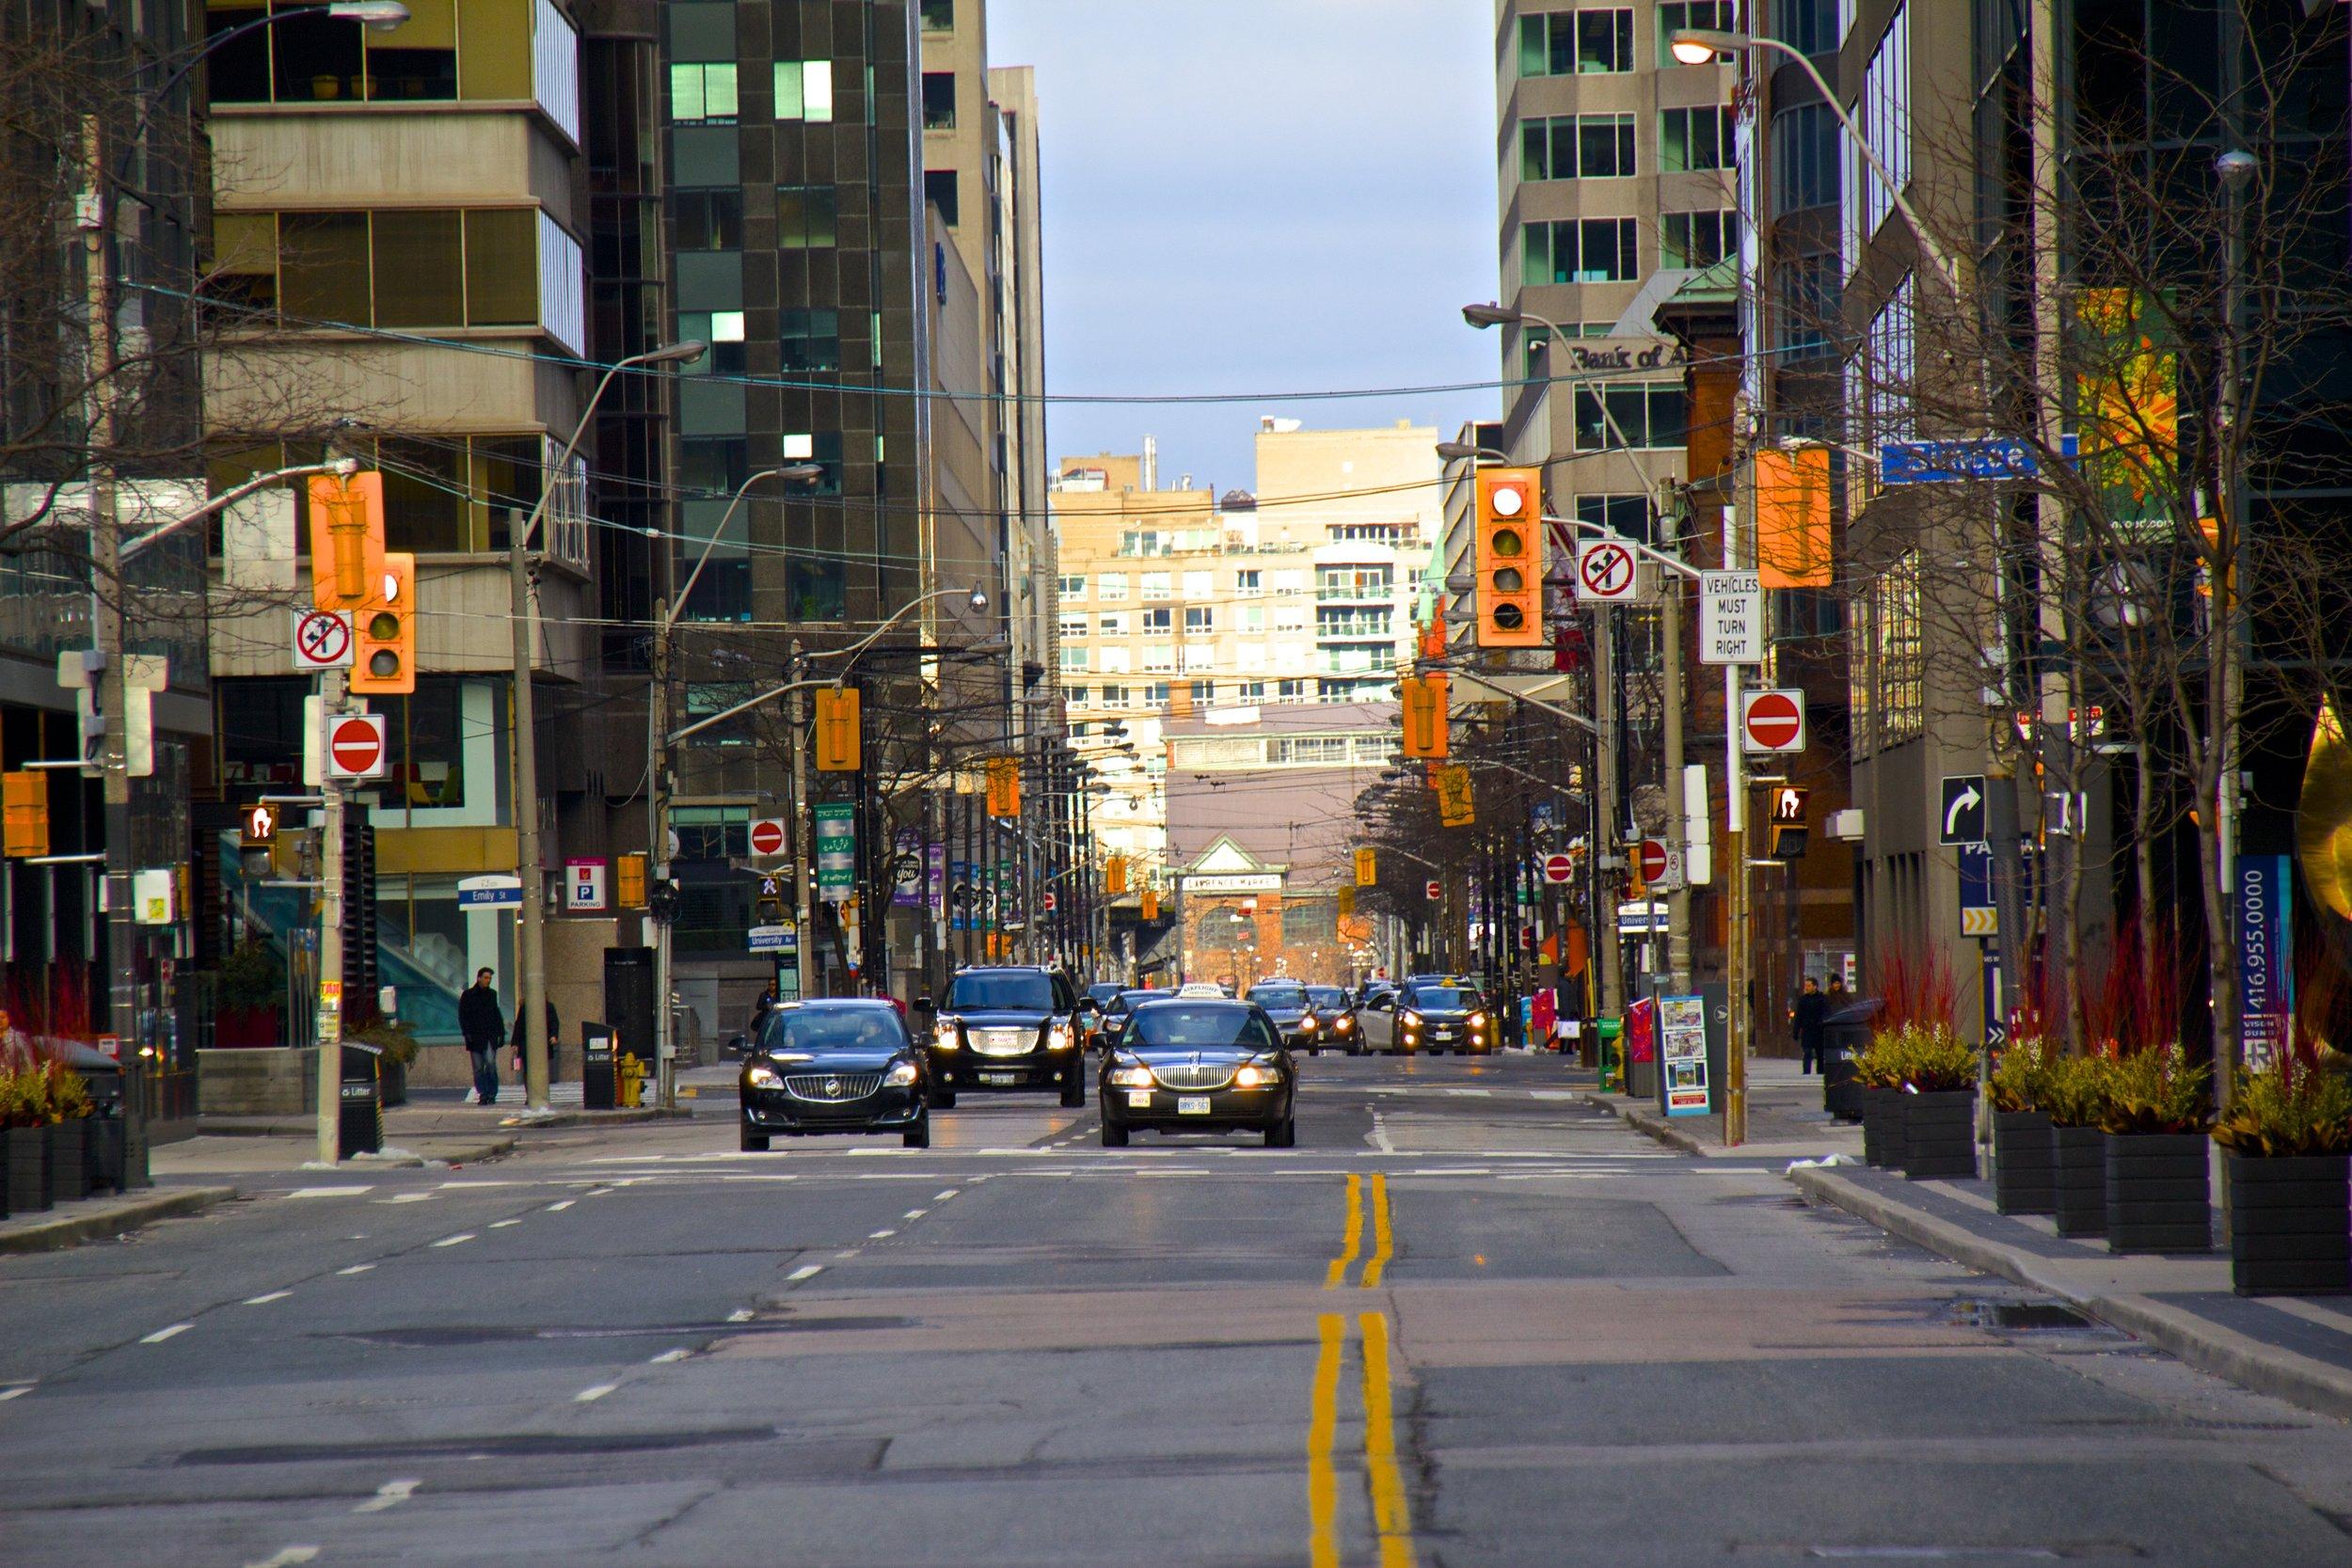 toronto downtown financial district 9.jpg